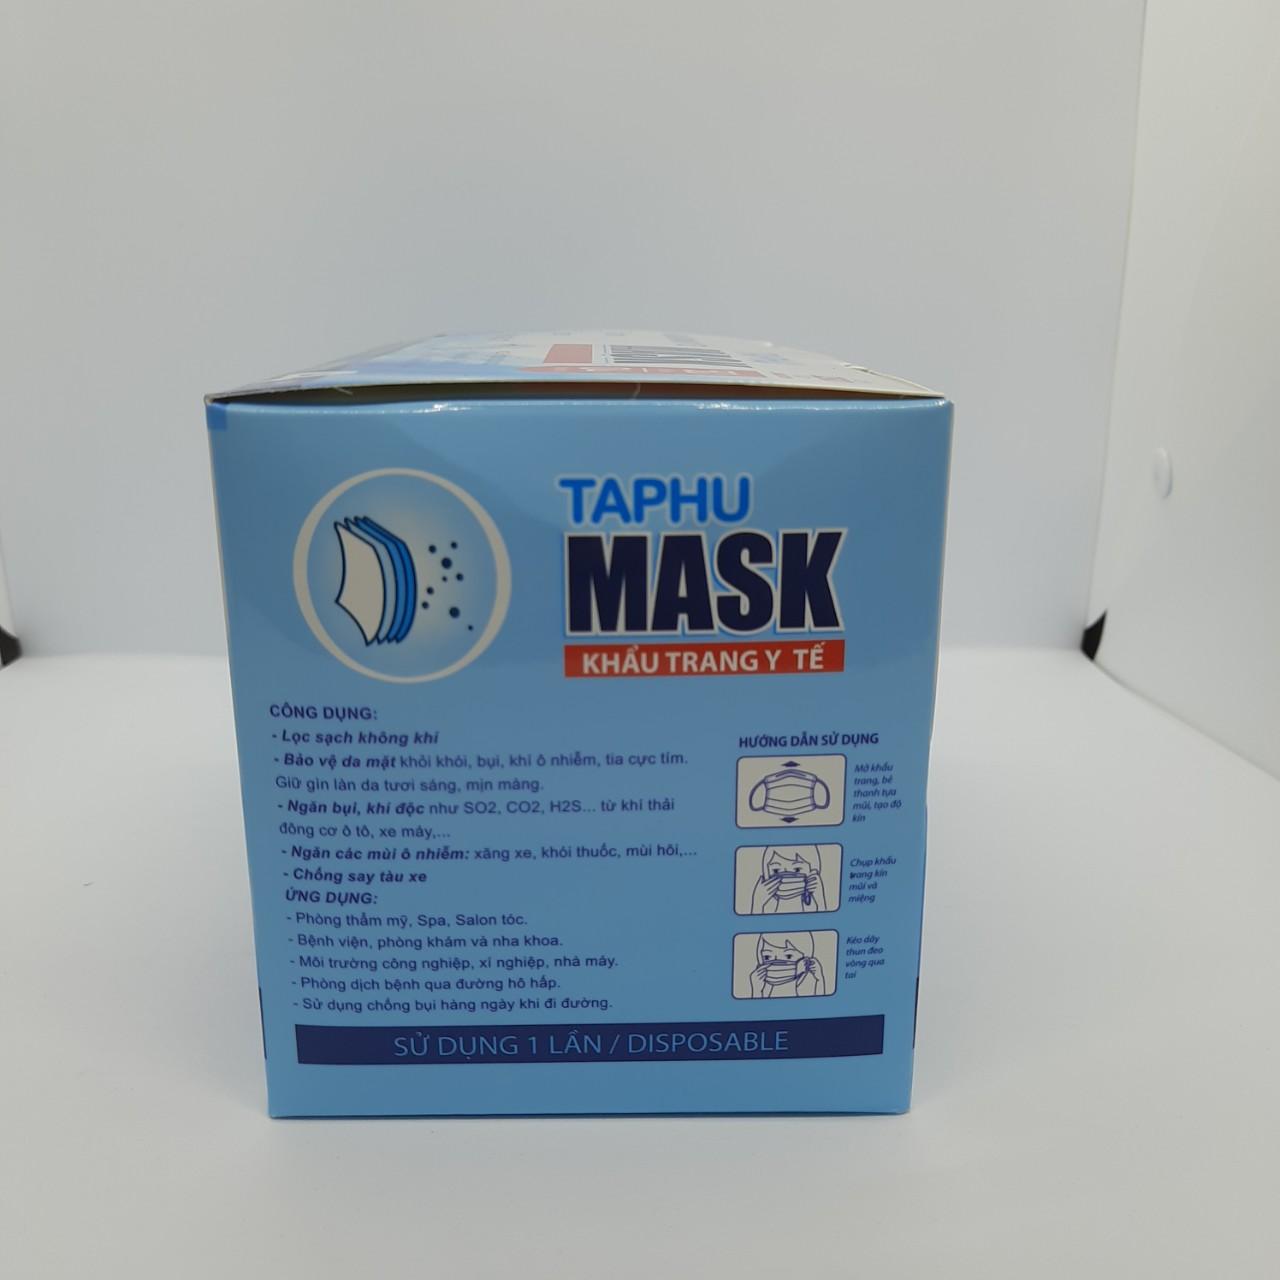 [COMBO 4 HỘP] Khẩu trang y tế 4 lớp hộp 50 cái màu xanh vải kháng khuẩn, có gọng mũi TAPHU MASK đạt tiêu chuẩn chất lượng của Bộ Y Tế